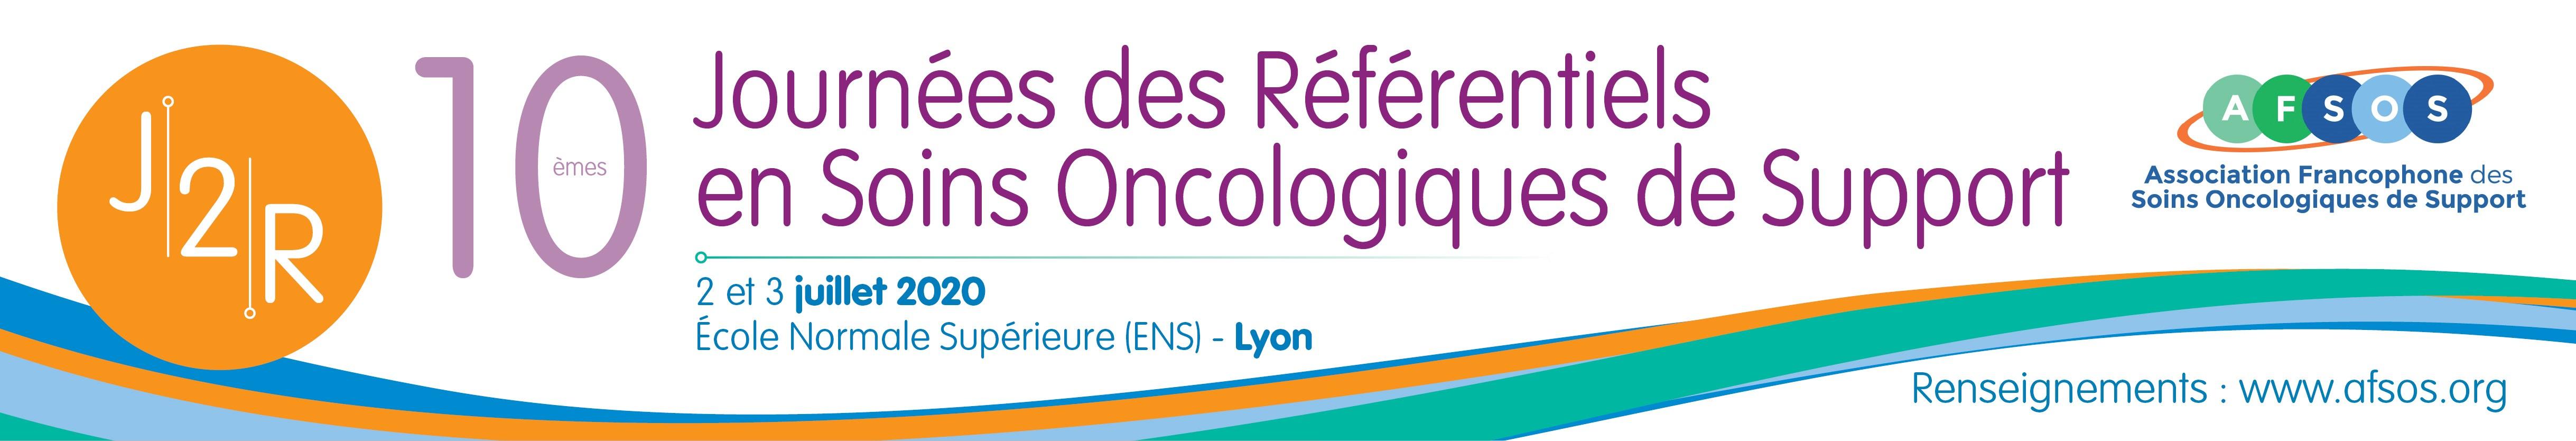 J2R - 10emes Journées des Référentiels en Soins Oncologiques de Support